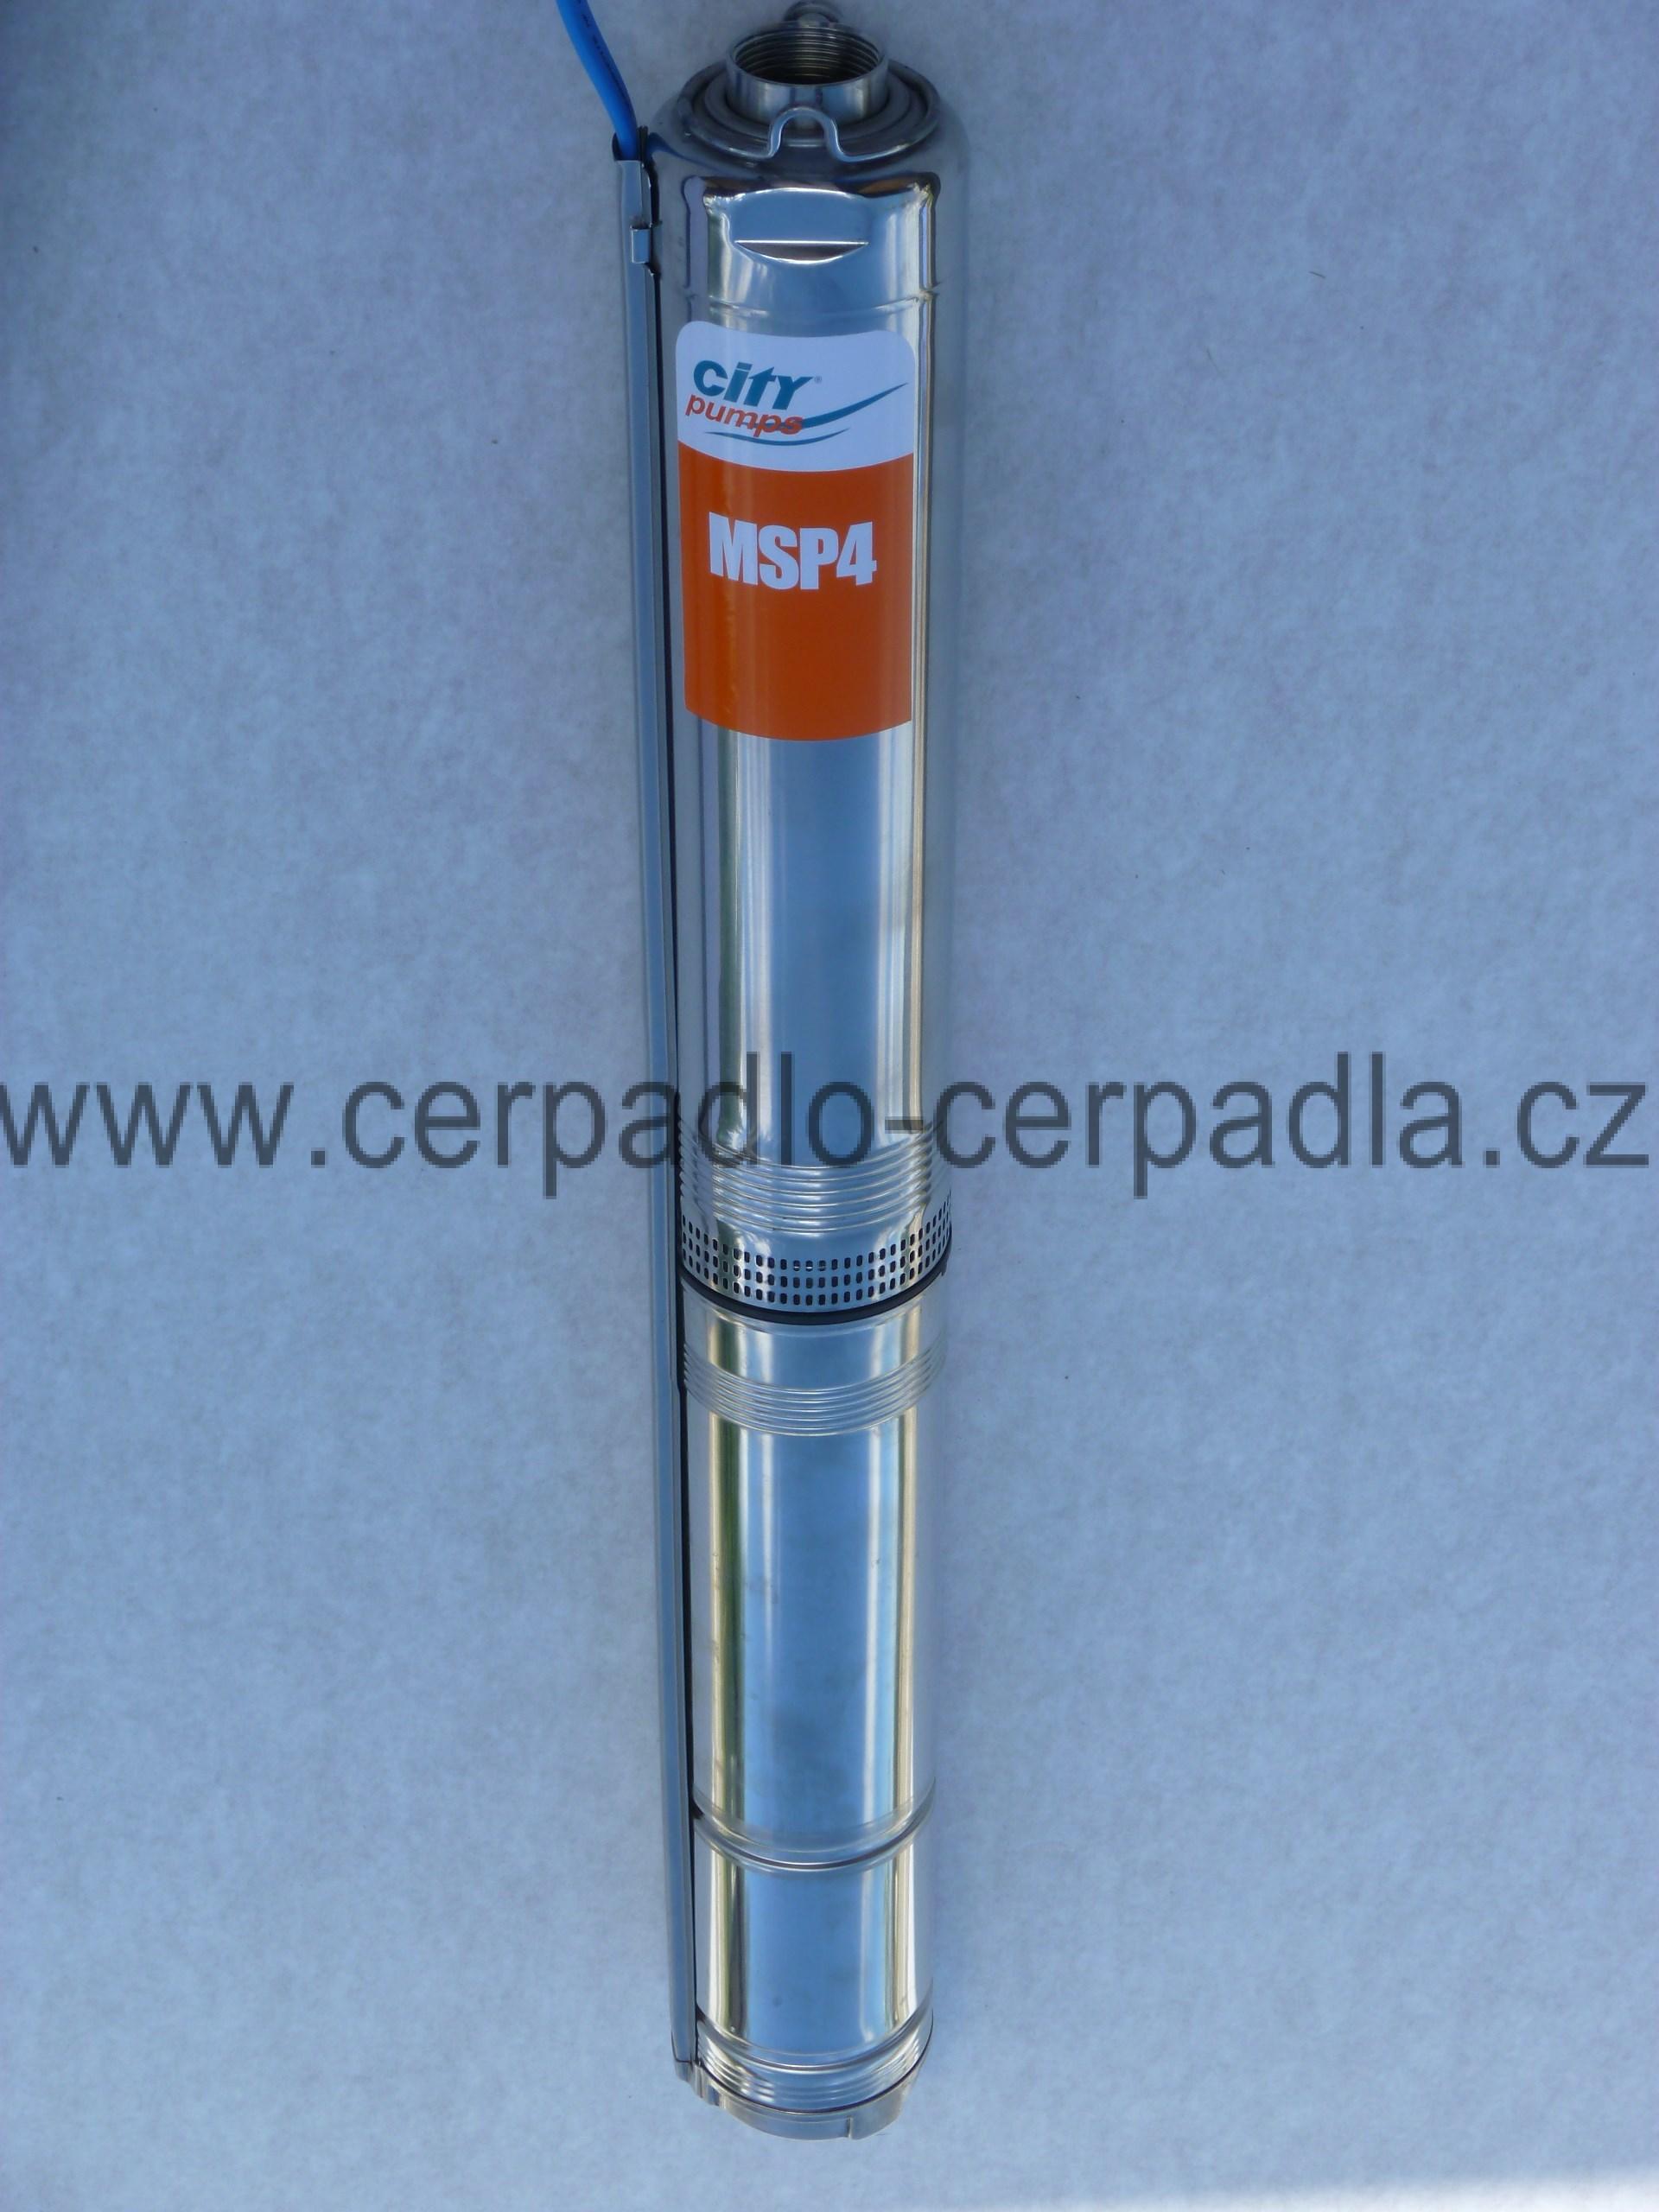 2MSP10-4 ponorné čerpadlo 45m kabel 230V, City Pumps (ponorná nerezová čerpadla MSP 4 do vrtu, ponorné čerpadlo City Pumps)